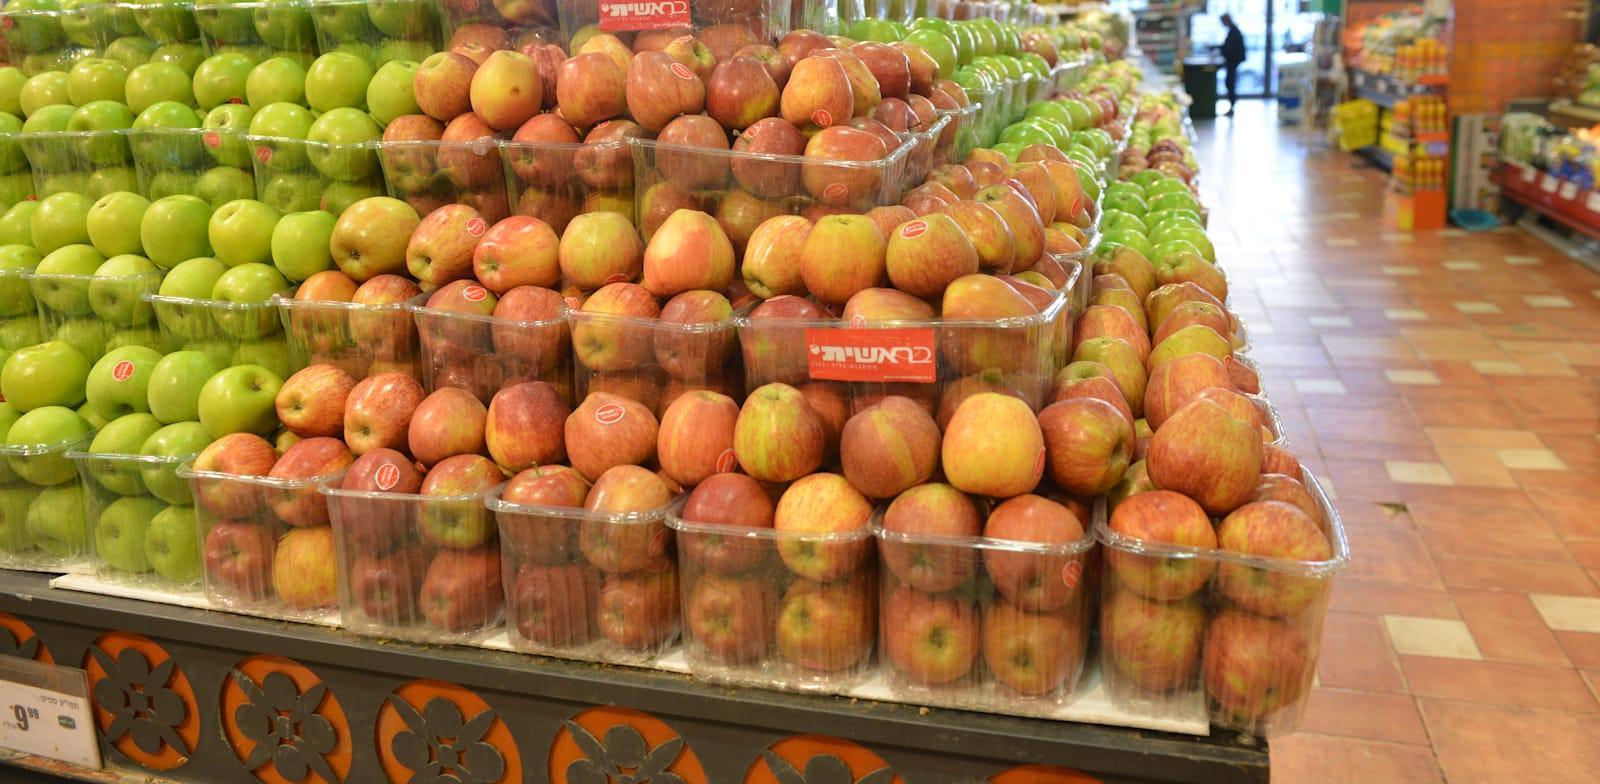 פירות בסופרמרקט. מי אחראי לפערי התיווך הגבוהים? / צילום: תמר מצפי